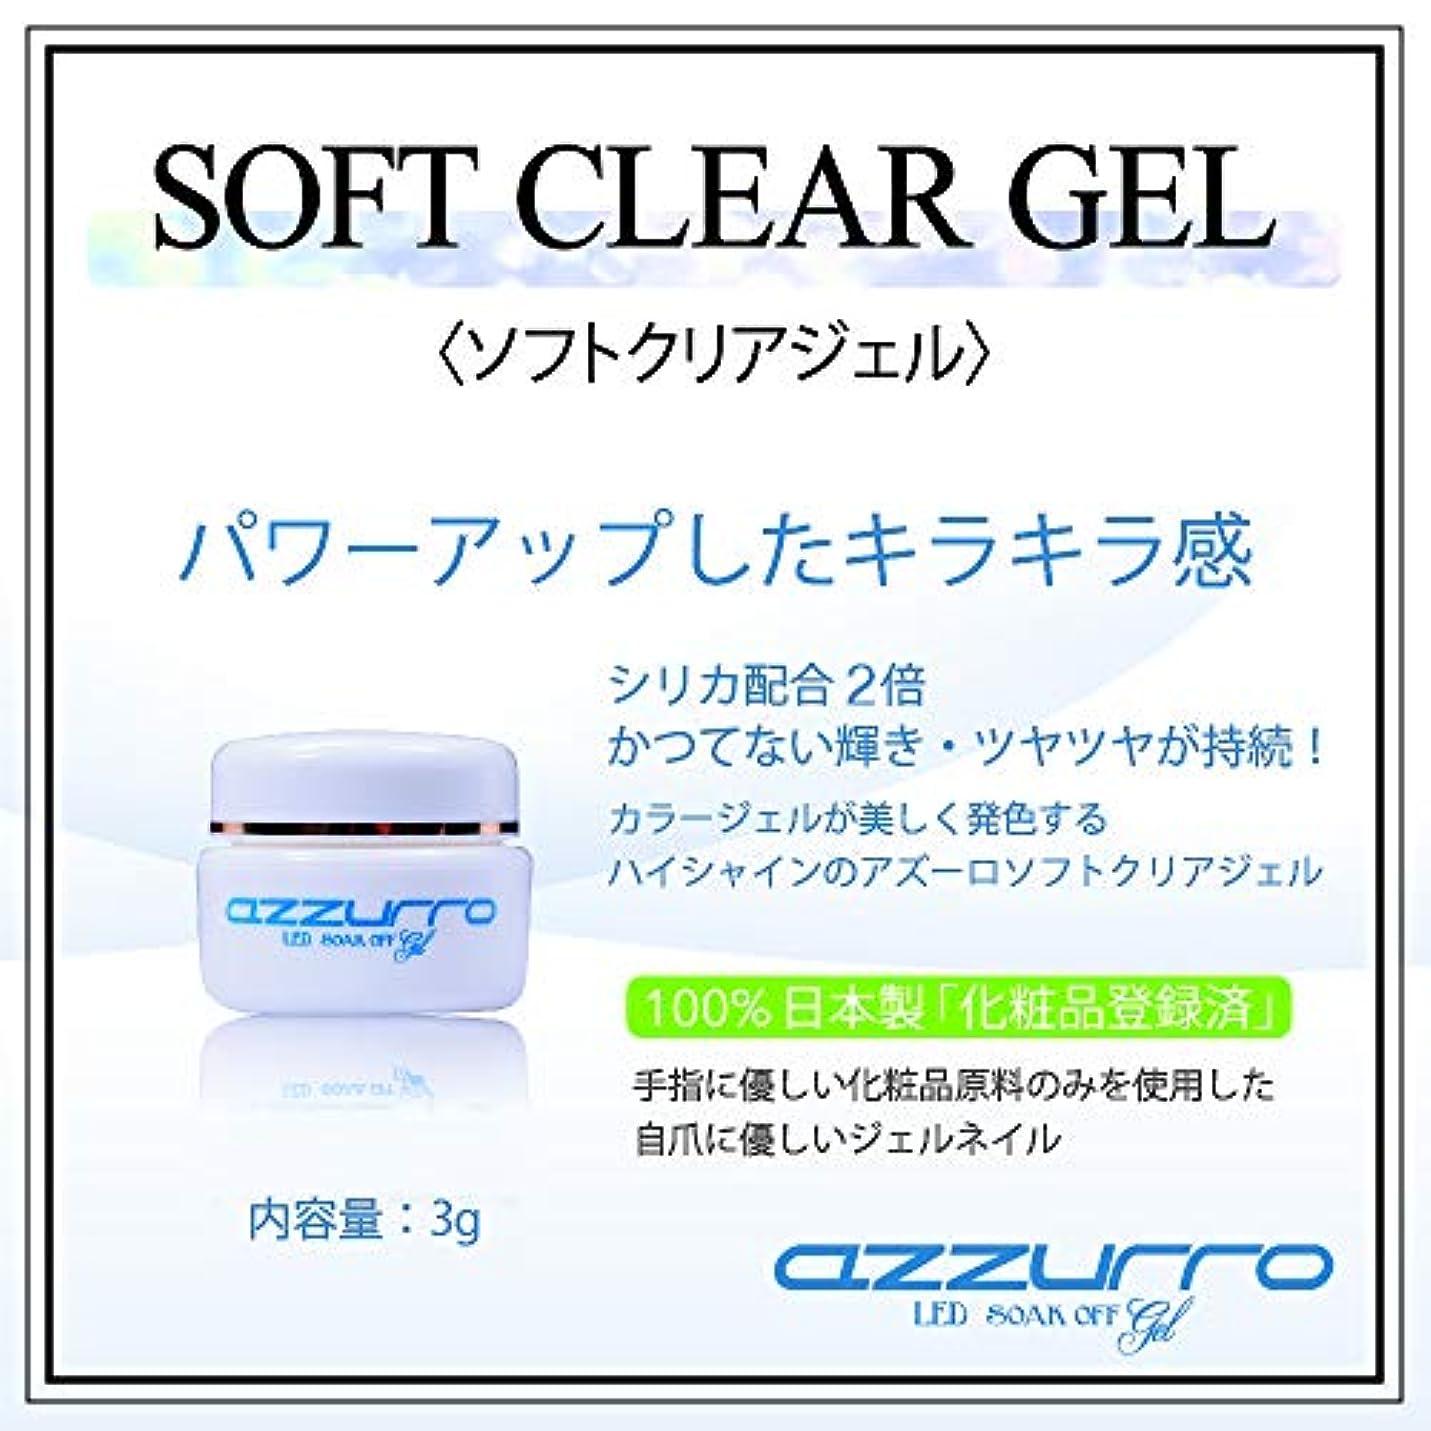 時々時々恐怖教授azzurro gel アッズーロ ソフトクリアージェル ツヤツヤ キラキラ感持続 抜群のツヤ 爪に優しい日本製 3g